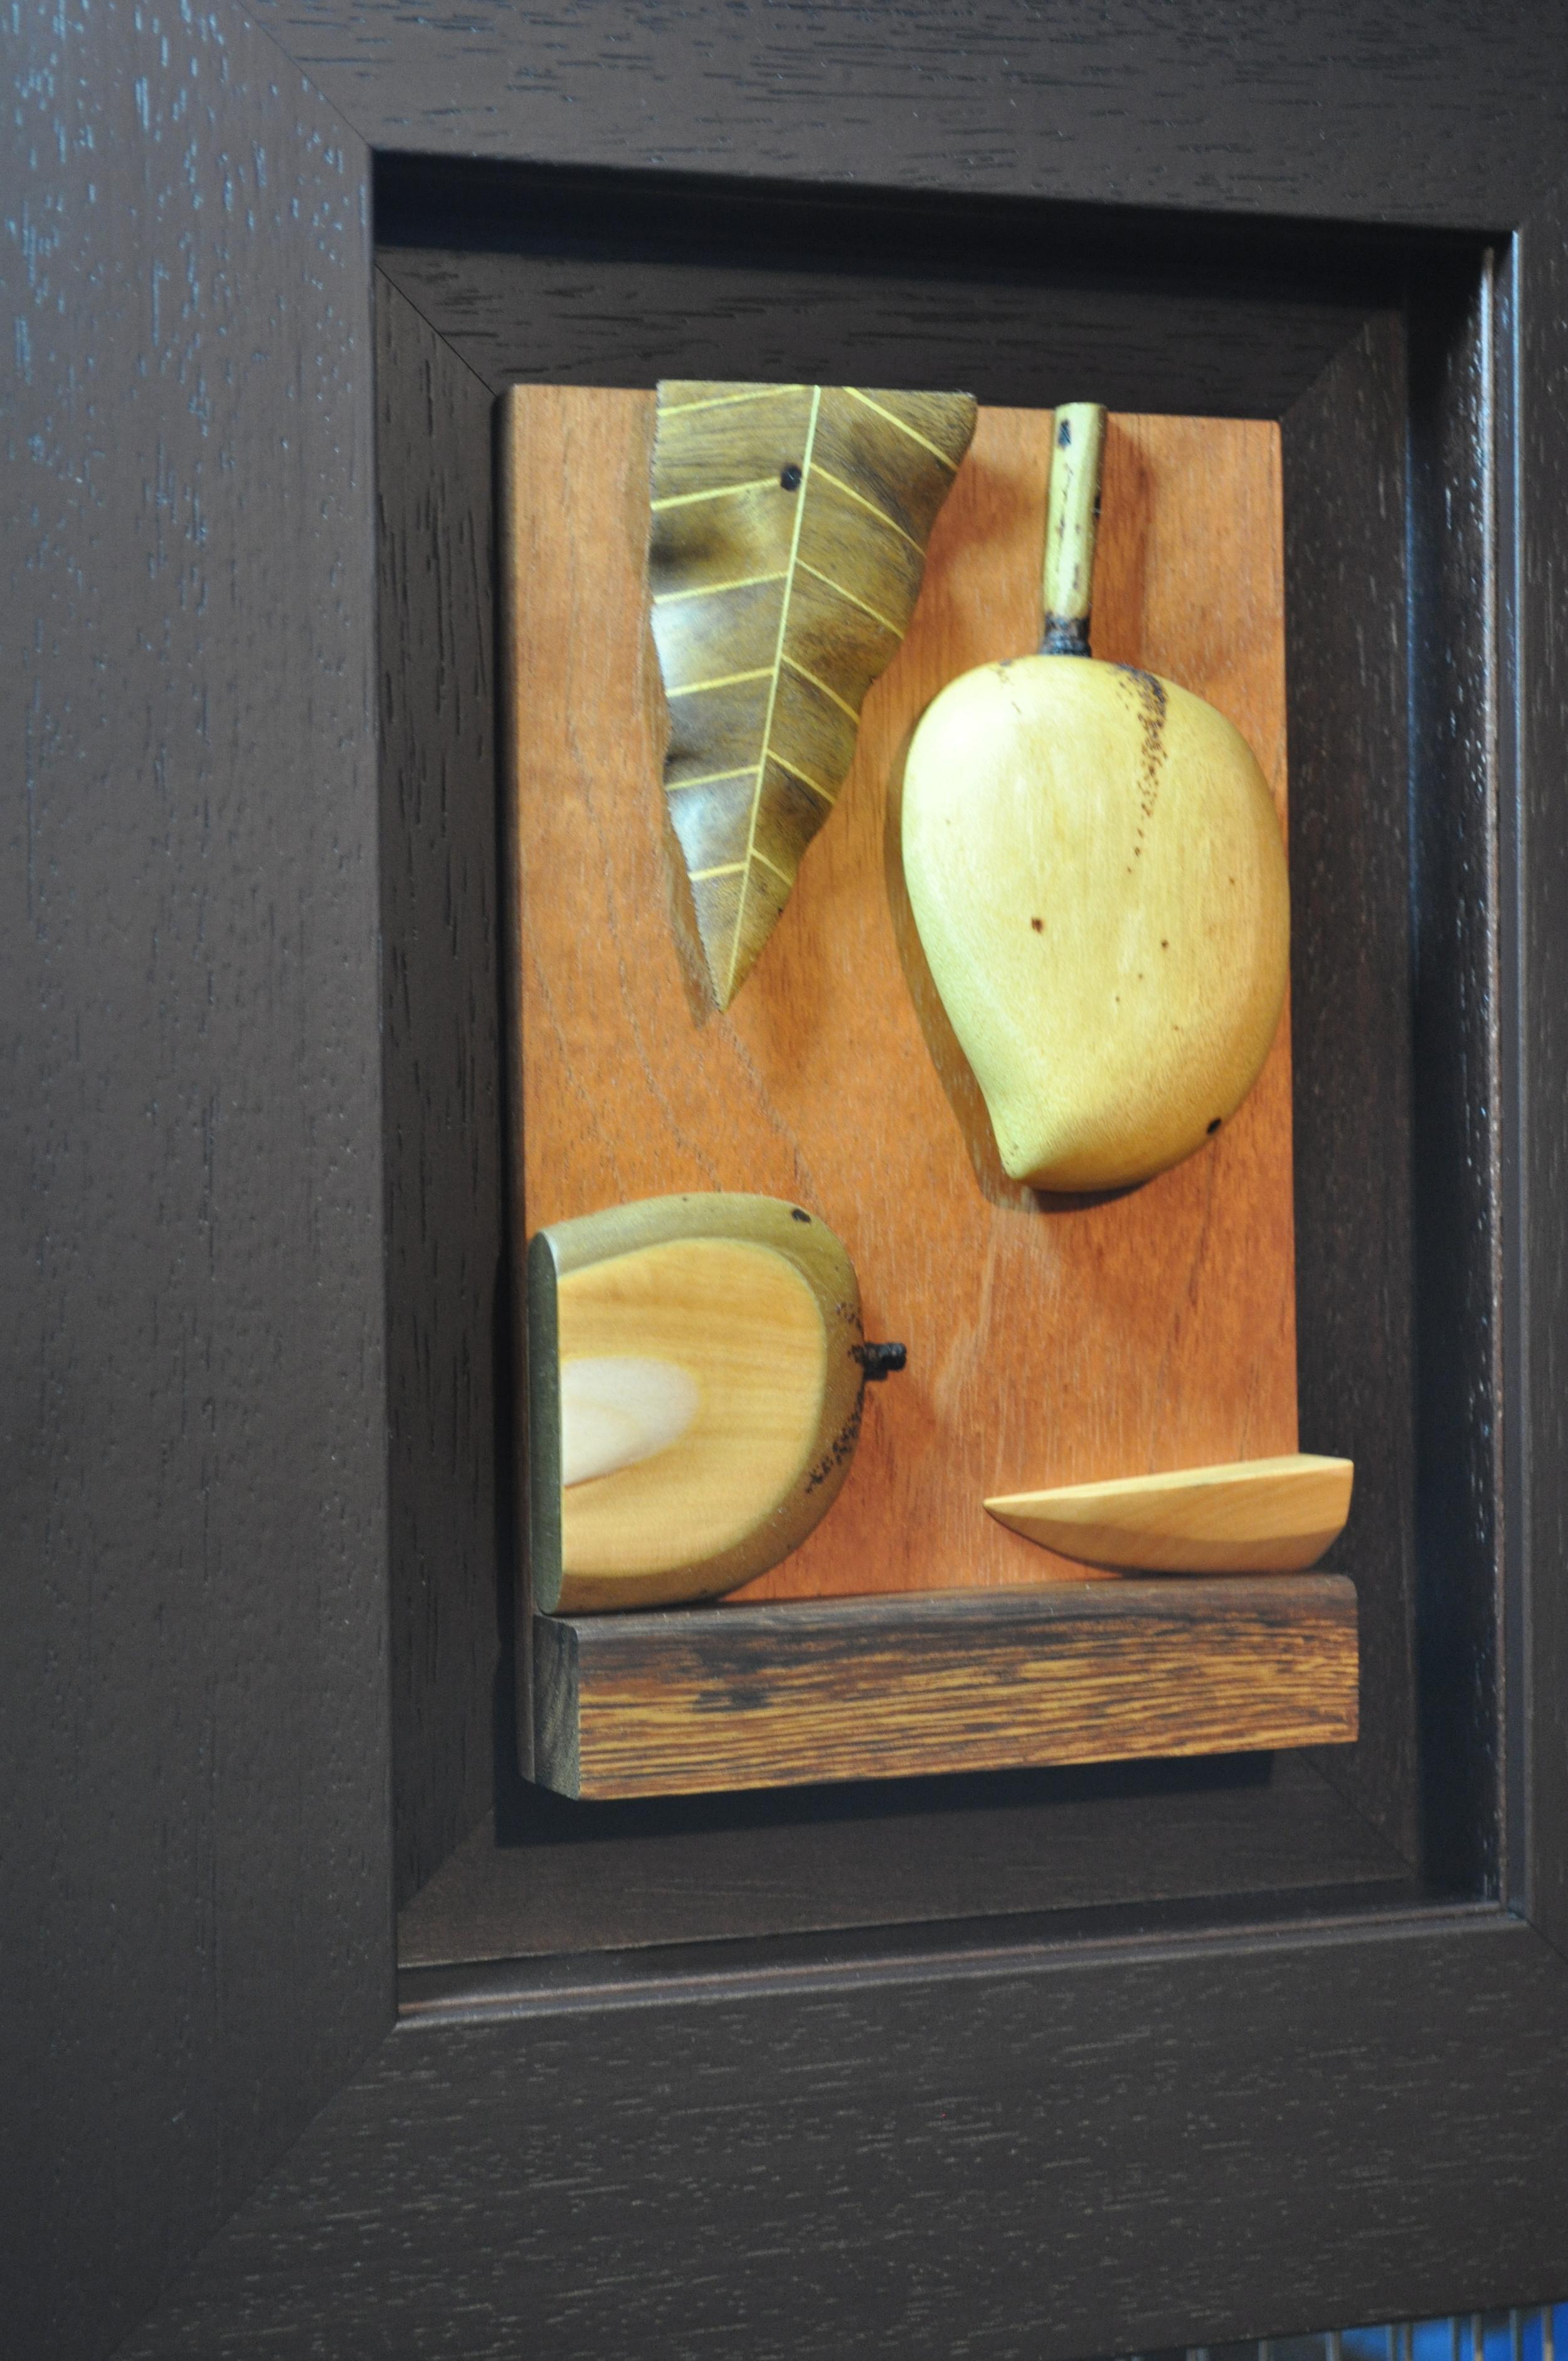 La técnica deintarsiaconsiste en utilizar la madera en su color natural para formar obras de arte. Foto: Pamy Rojas